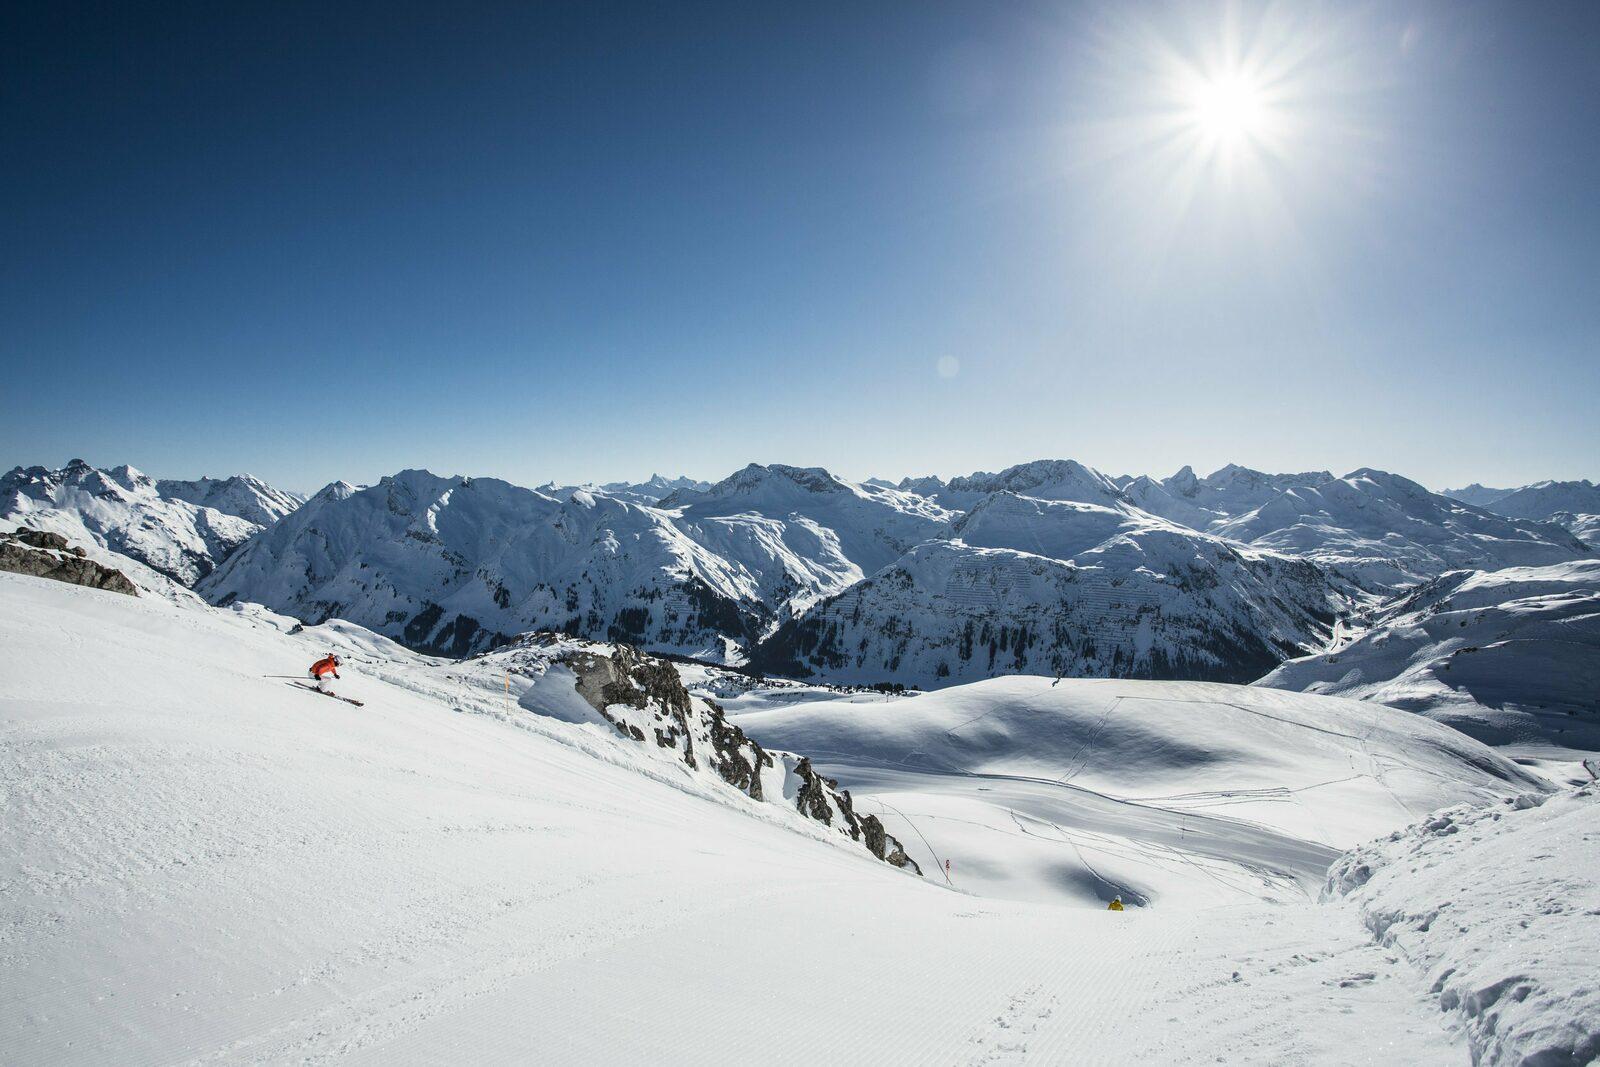 Skigebiet Lech - Oberlech - Zürs